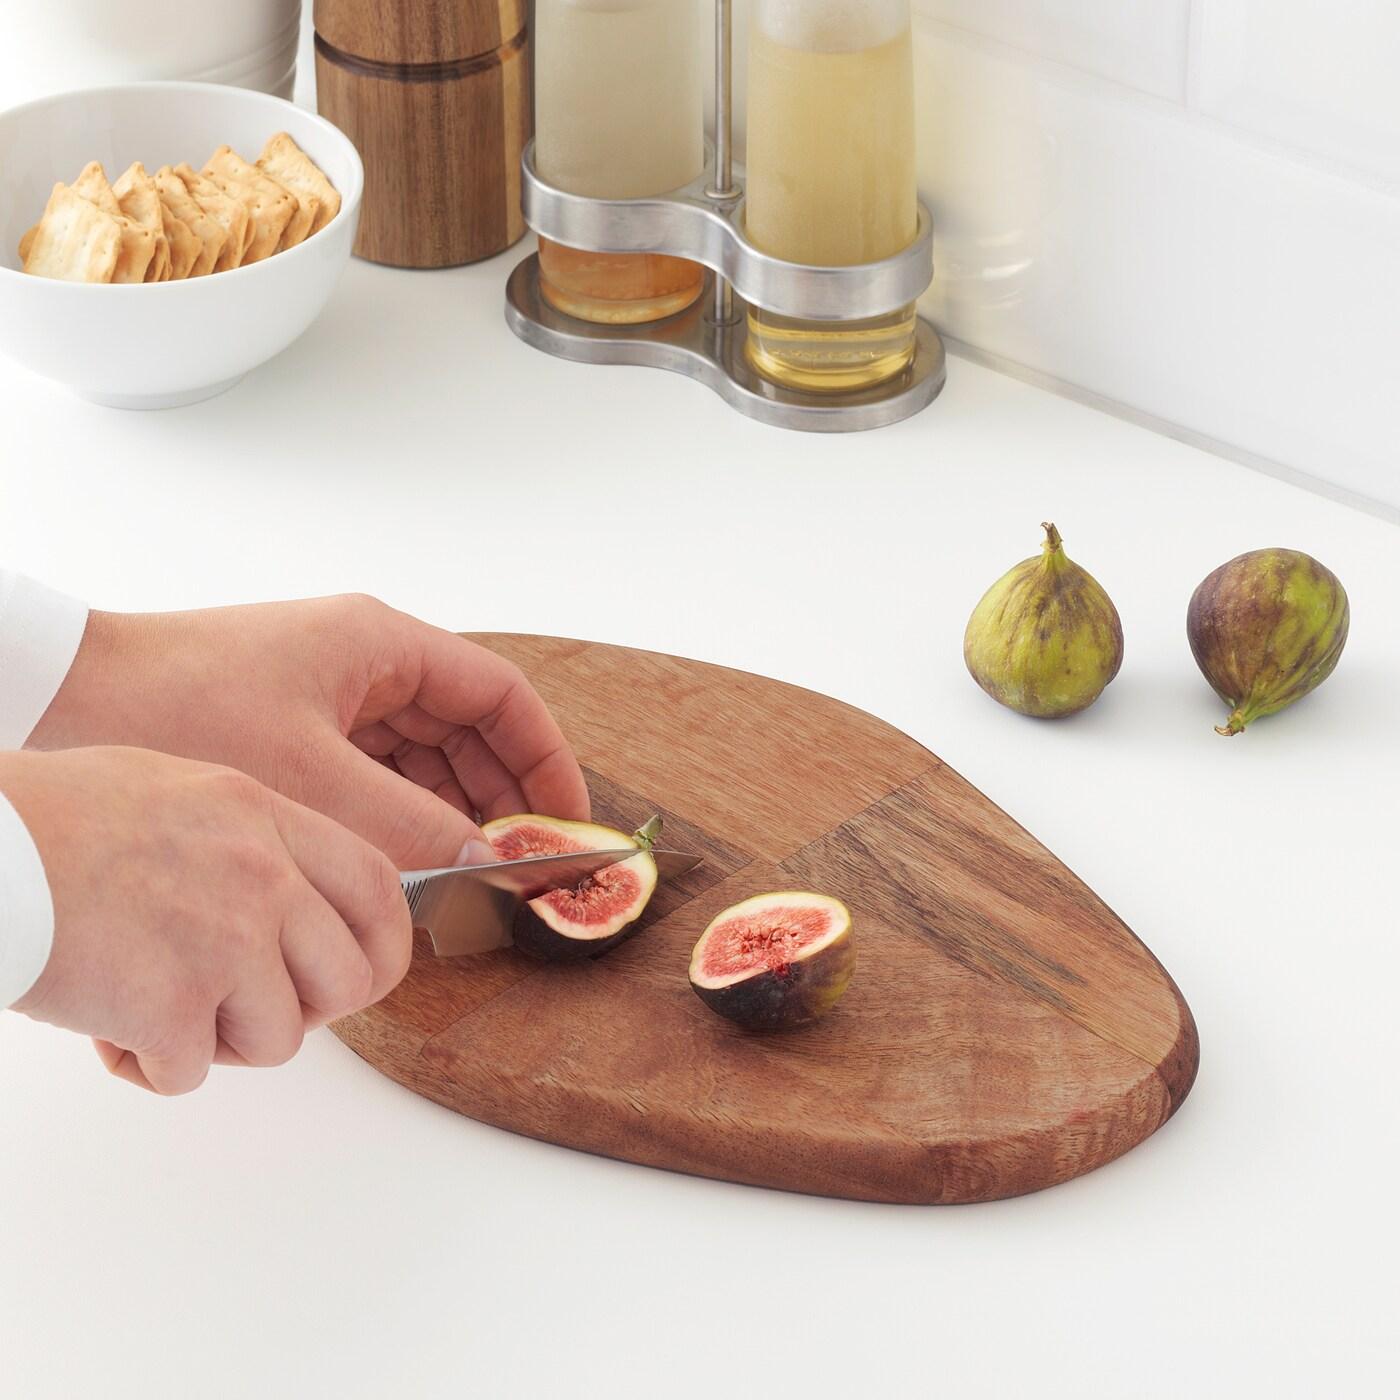 Fascinera Deska Do Krojenia Drewno Mango Zamow Tutaj Ikea